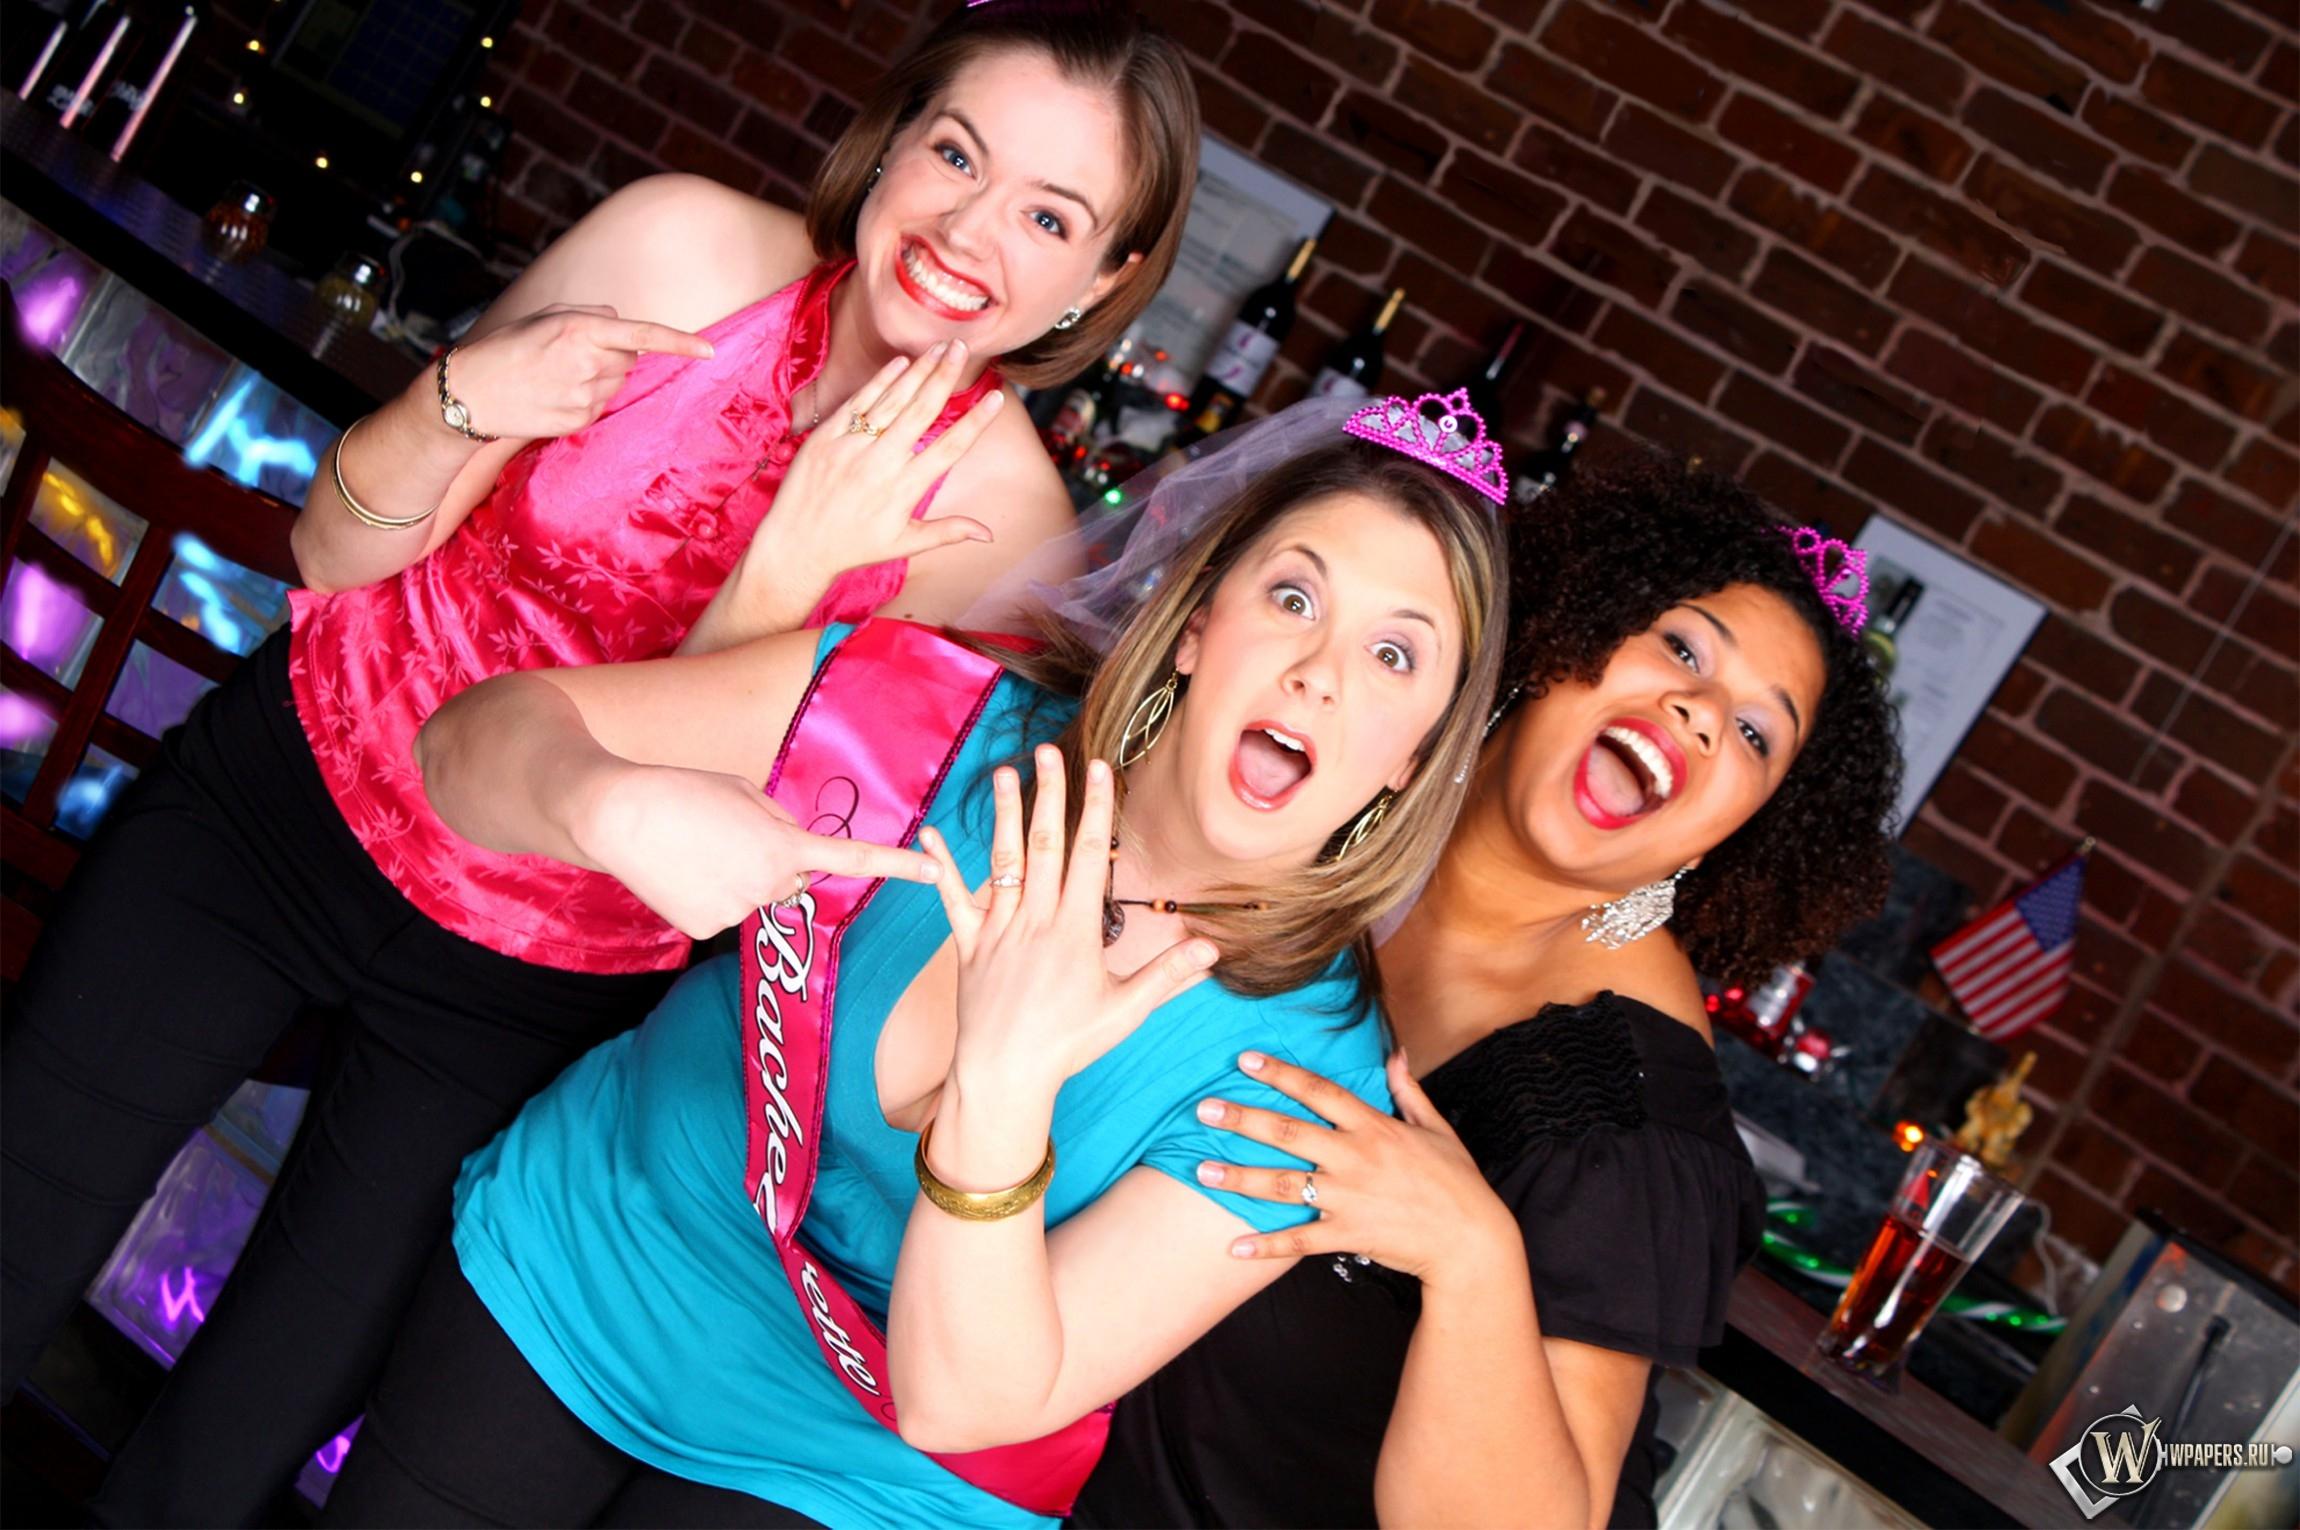 Приколы про девушек пьяных в хлам 26 фотография